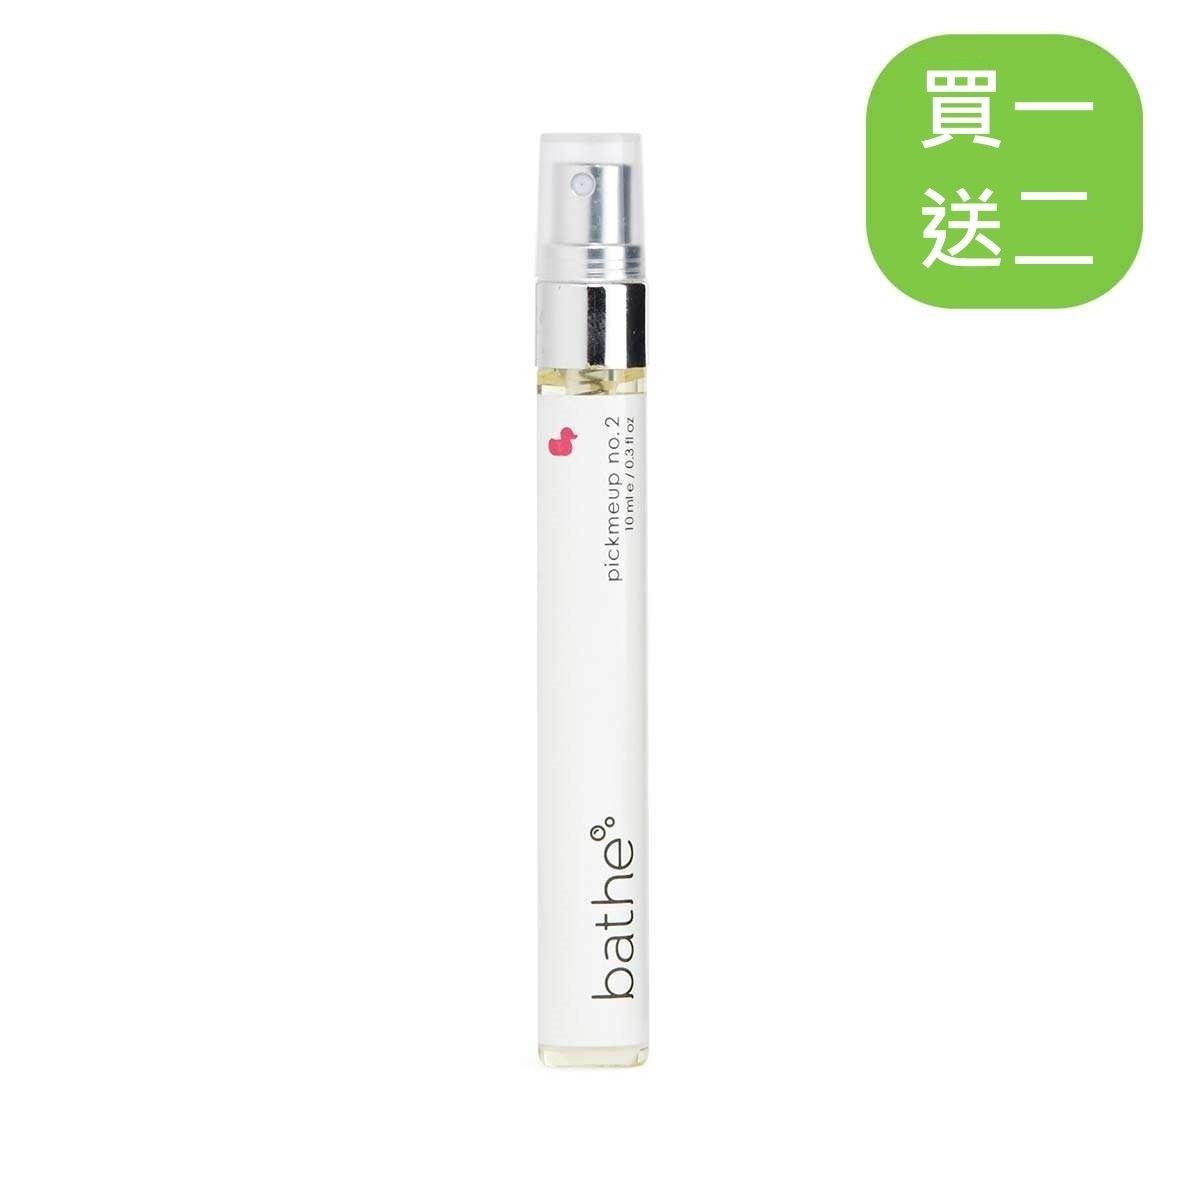 【買一送二】女士香水No.2 (桃 + 綠茶) (10毫升)